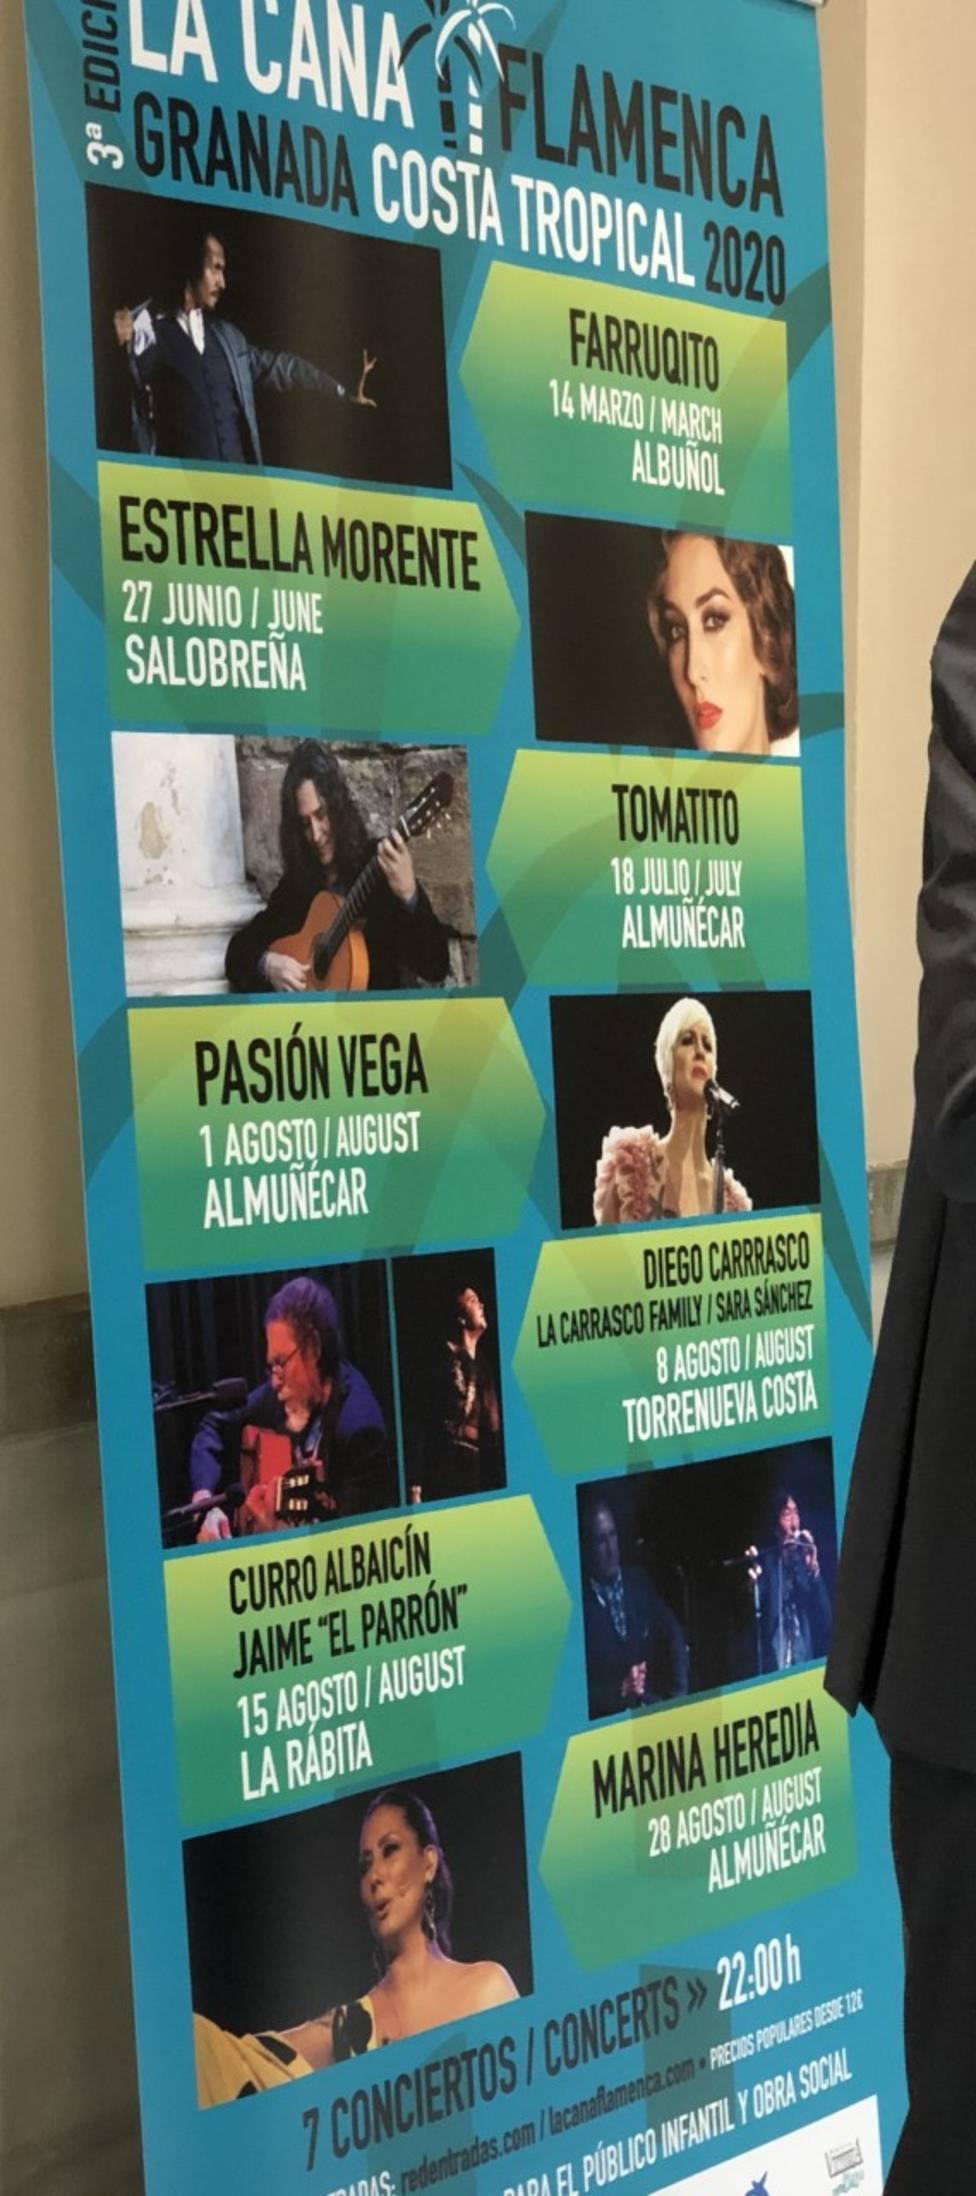 Presentación de la 3ª edición de La Caña Flamenca